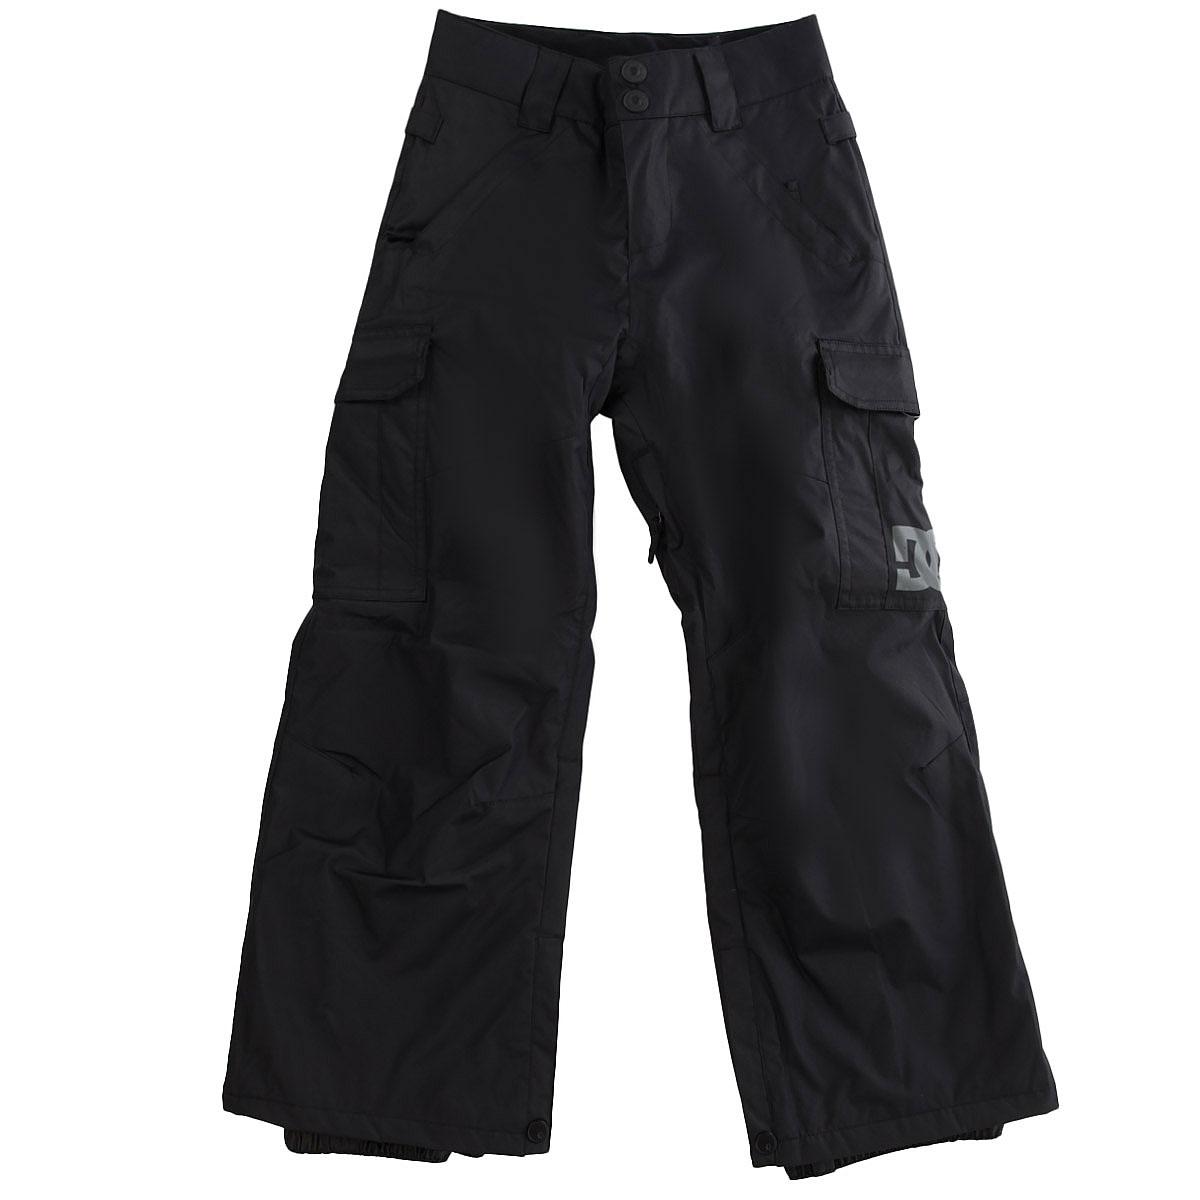 Купить штаны сноубордические детские DC Shoes Banshee Youth Black  (EDBTP03006-KVJ0) в интернет-магазине Proskater.by 6a80fee7515